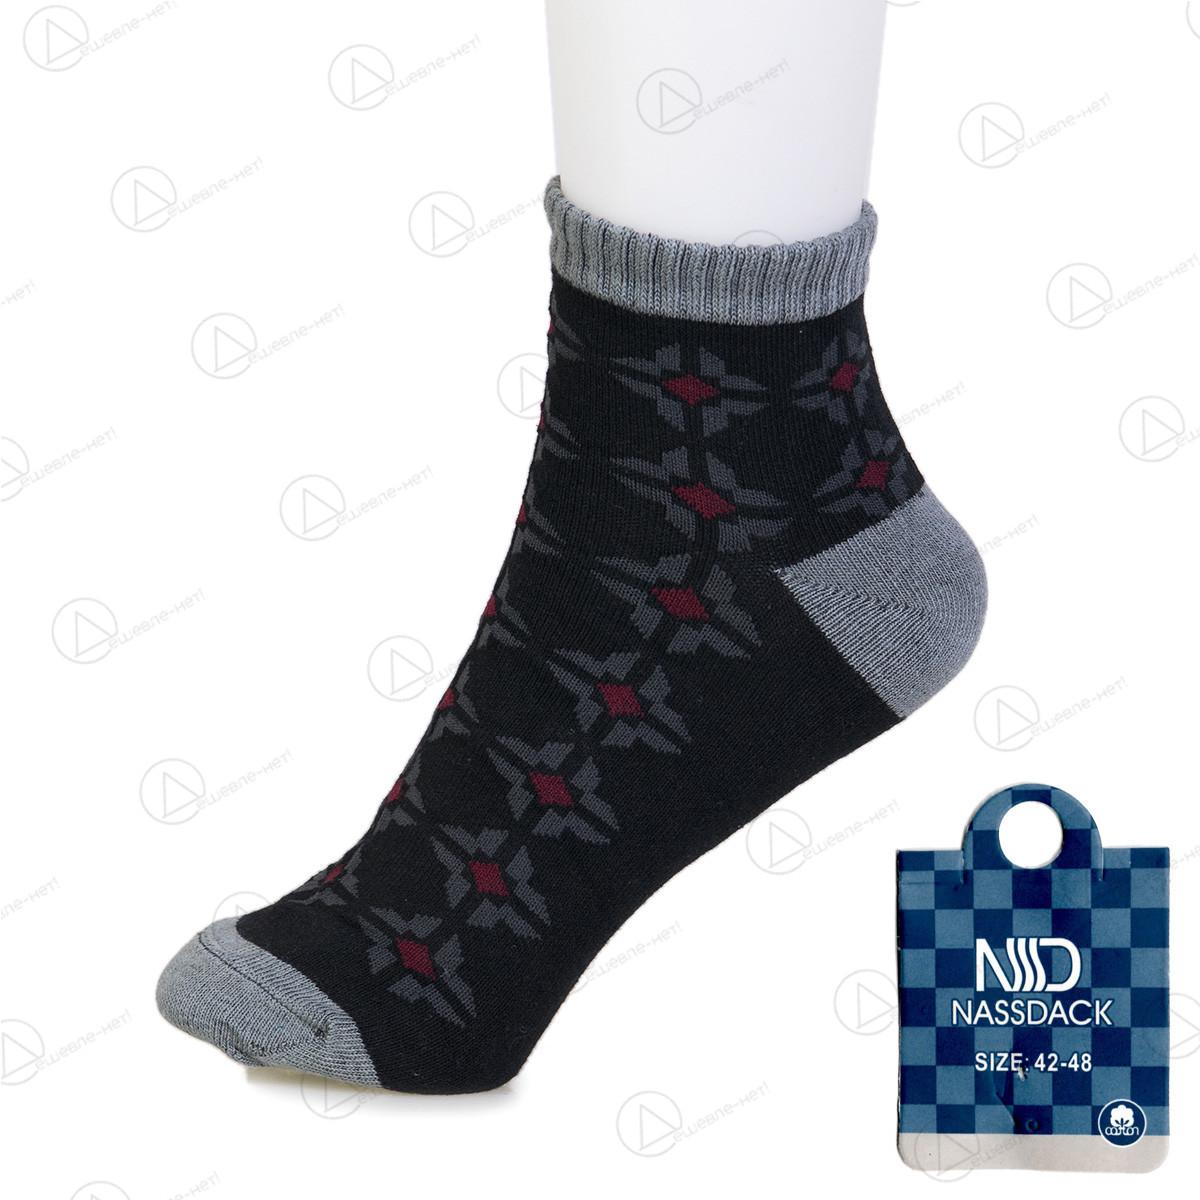 Носки мужские короткие узорные с бамбуковым волокном Nassdack 1005-6